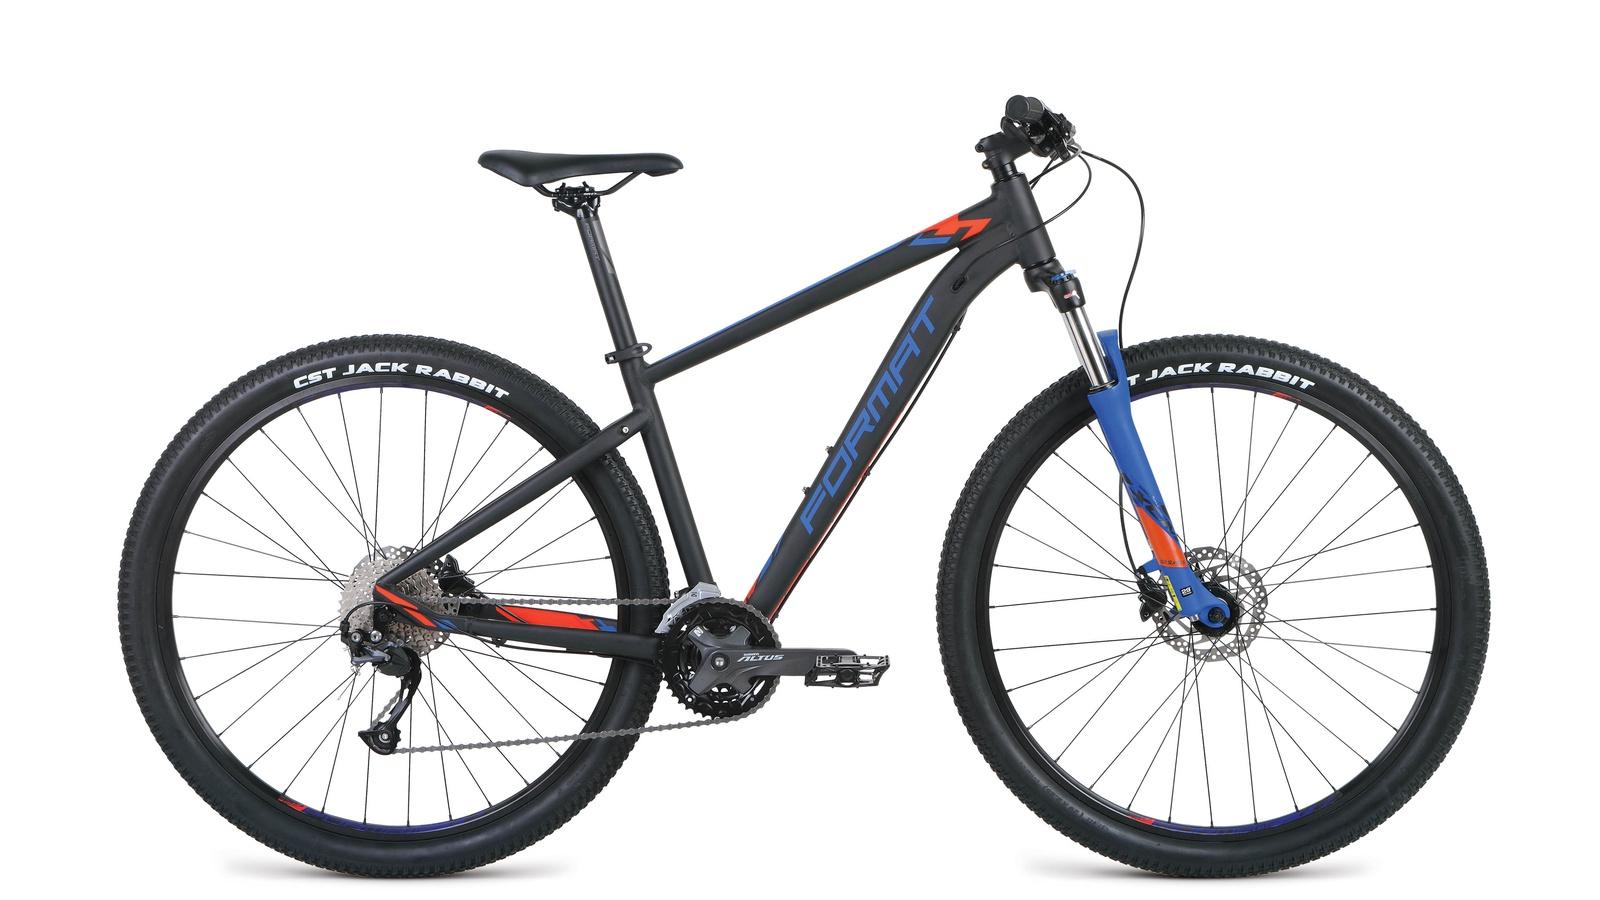 цена на Велосипед Format RBKM9M69S010, черный